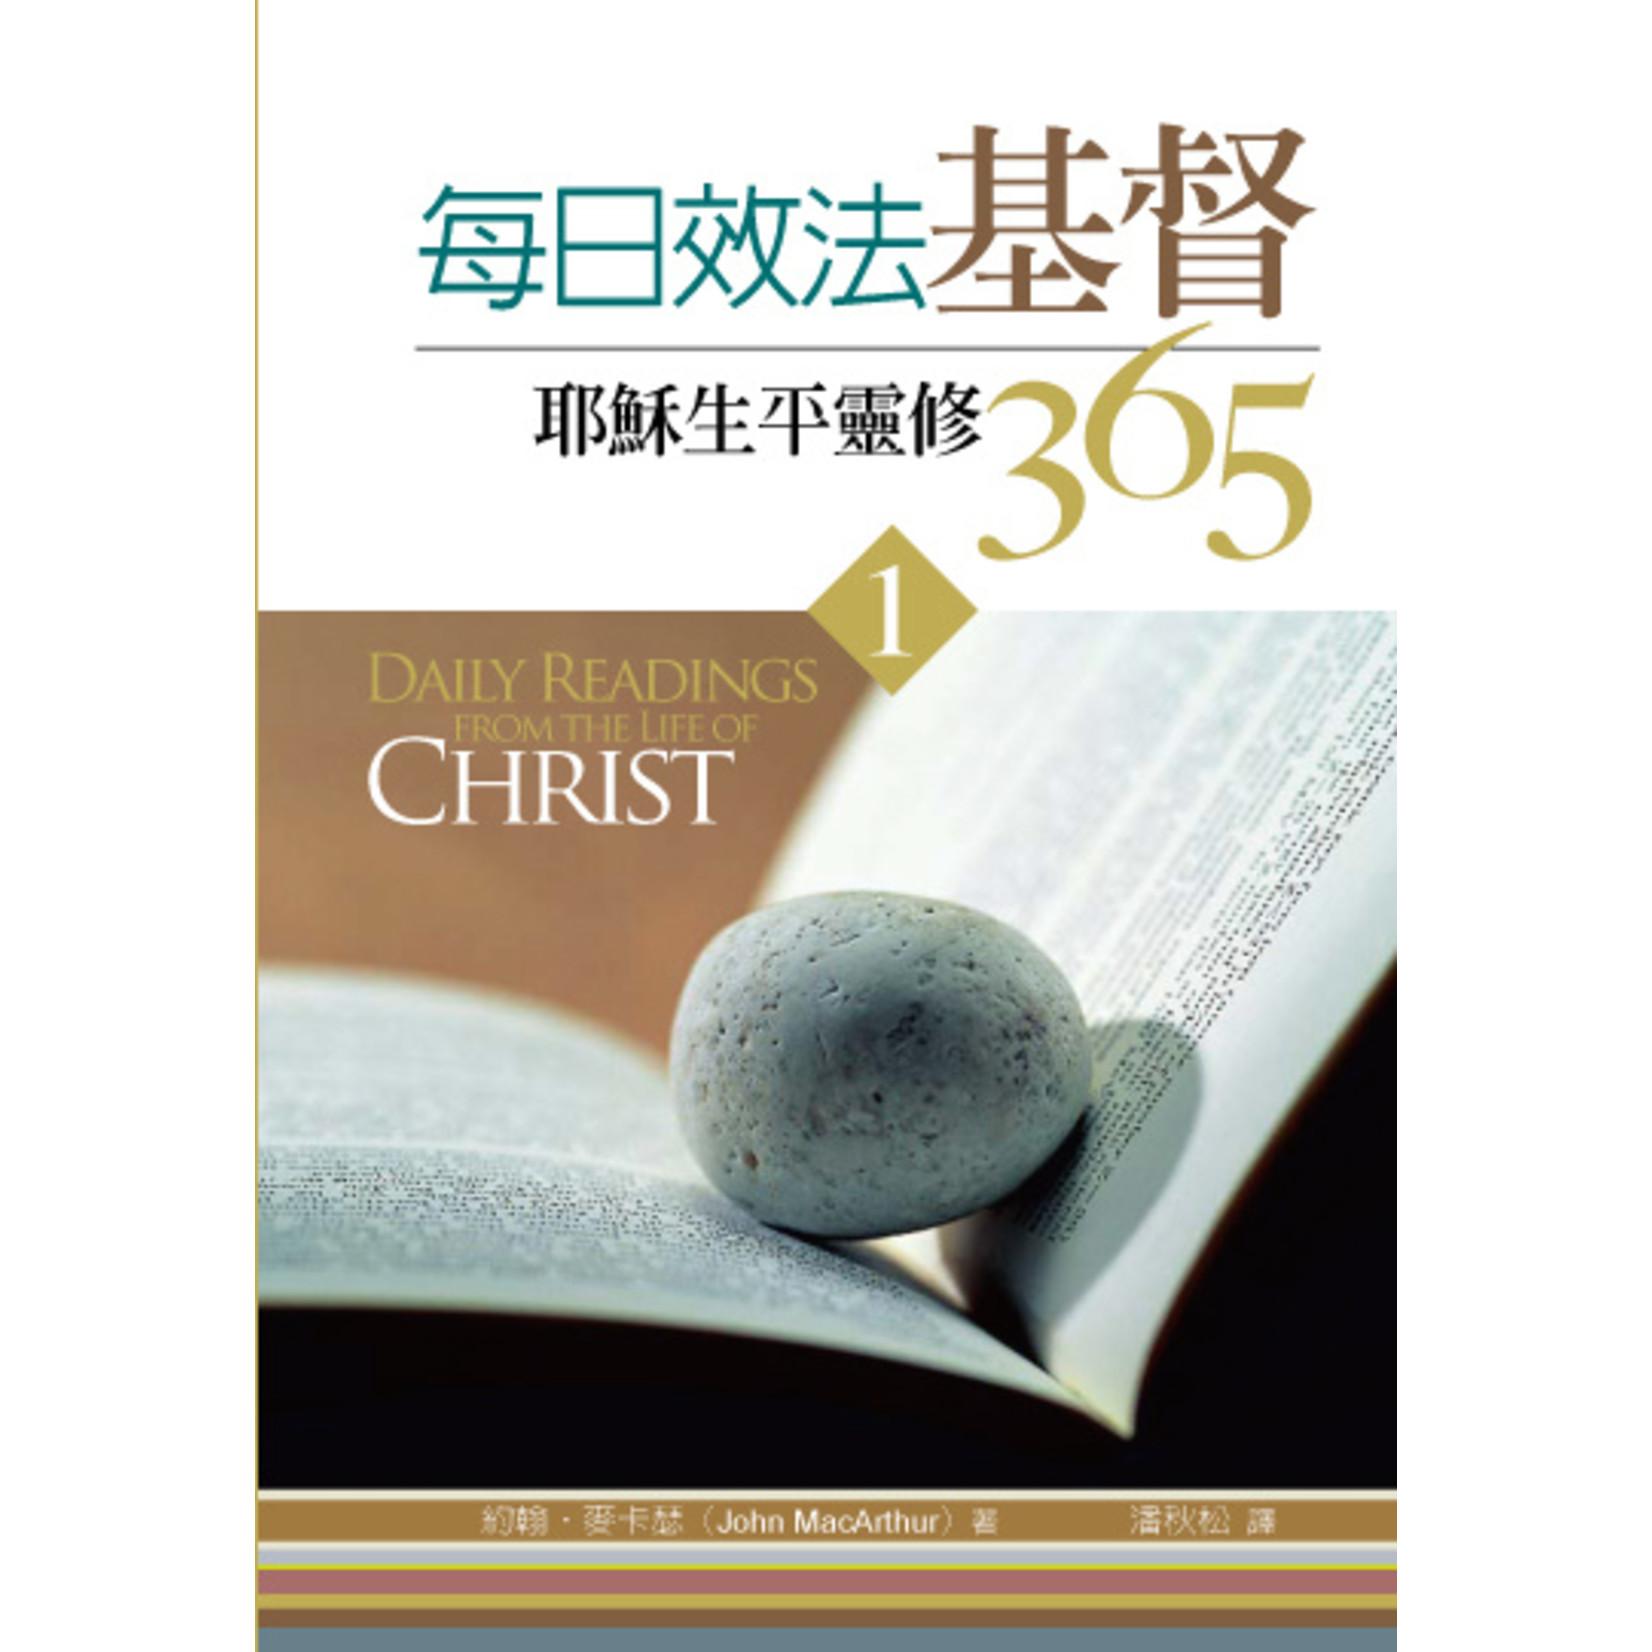 美國麥種傳道會 AKOWCM 每日效法基督1:耶穌生平靈修365(第二版) Daily Readings from the Life of Christ 1